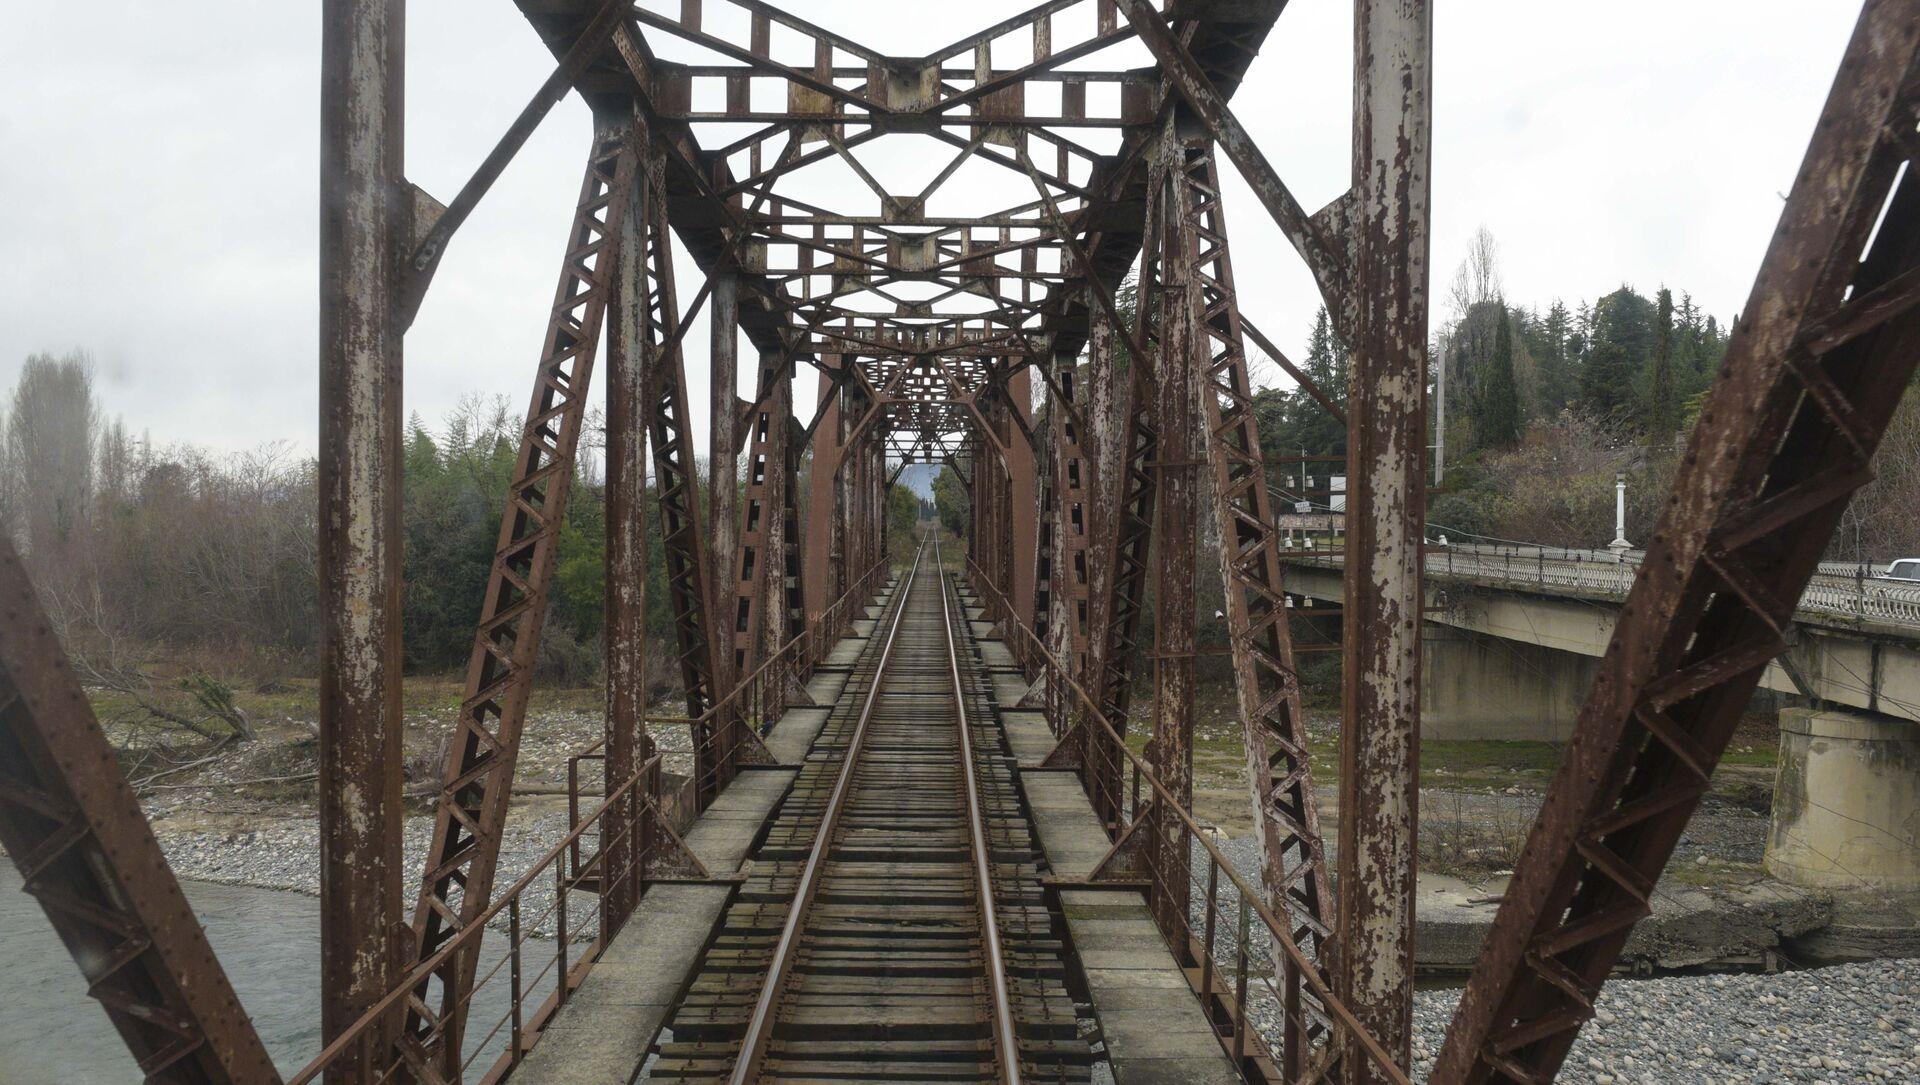 Железная дорога. - Sputnik Аҧсны, 1920, 12.02.2021